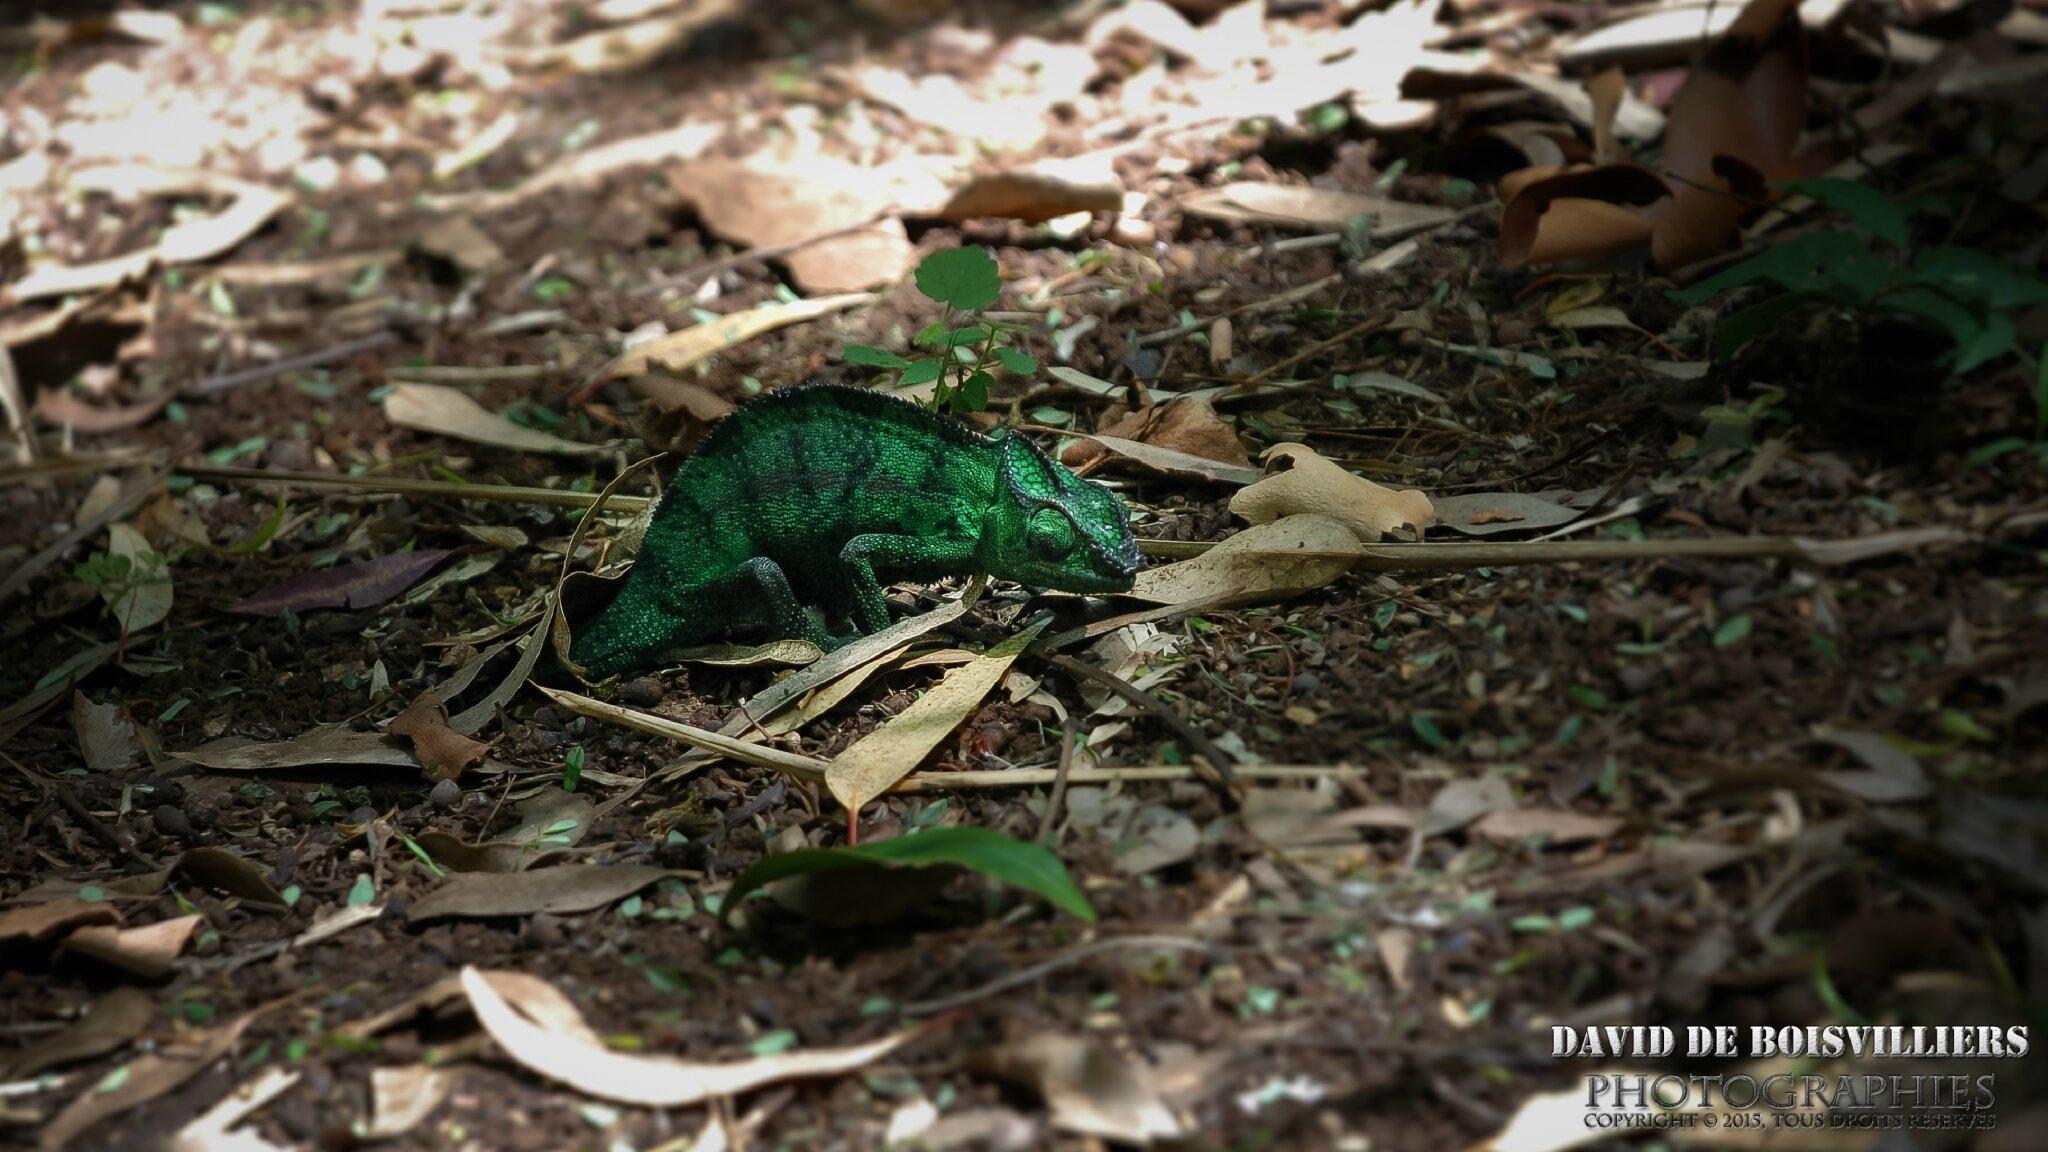 Les Reptiles de l'Île de La Réunion